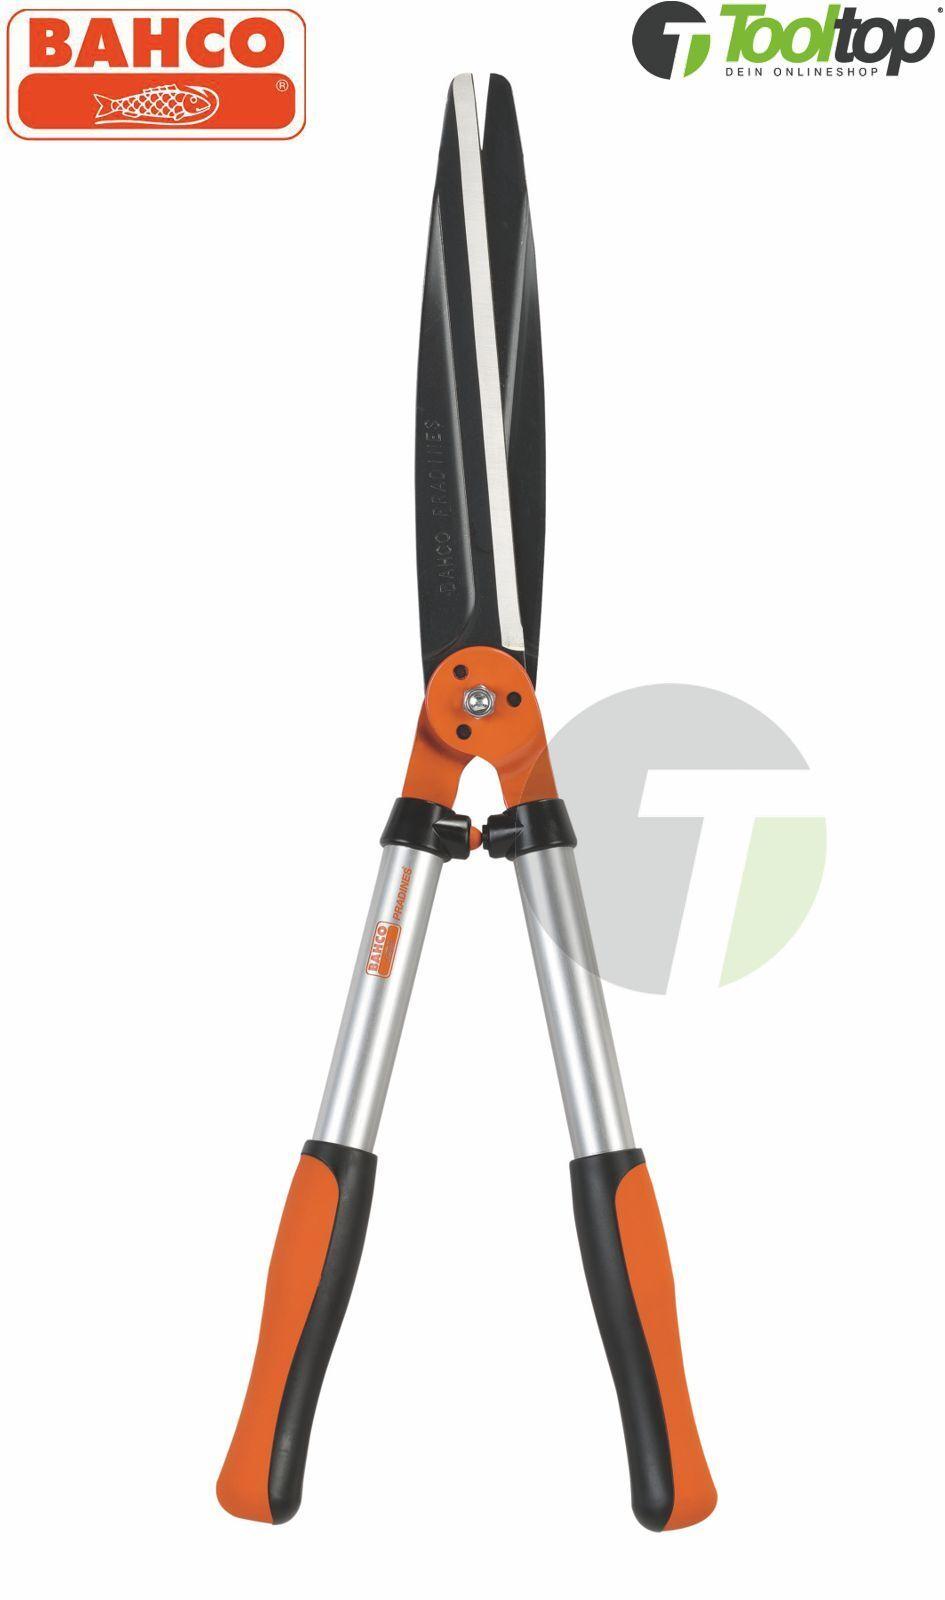 Bahco Heckenscheren Ultra-leicht Ultra-leicht Ultra-leicht Aluminium PG-56-F Länge 540mm 43e0a6